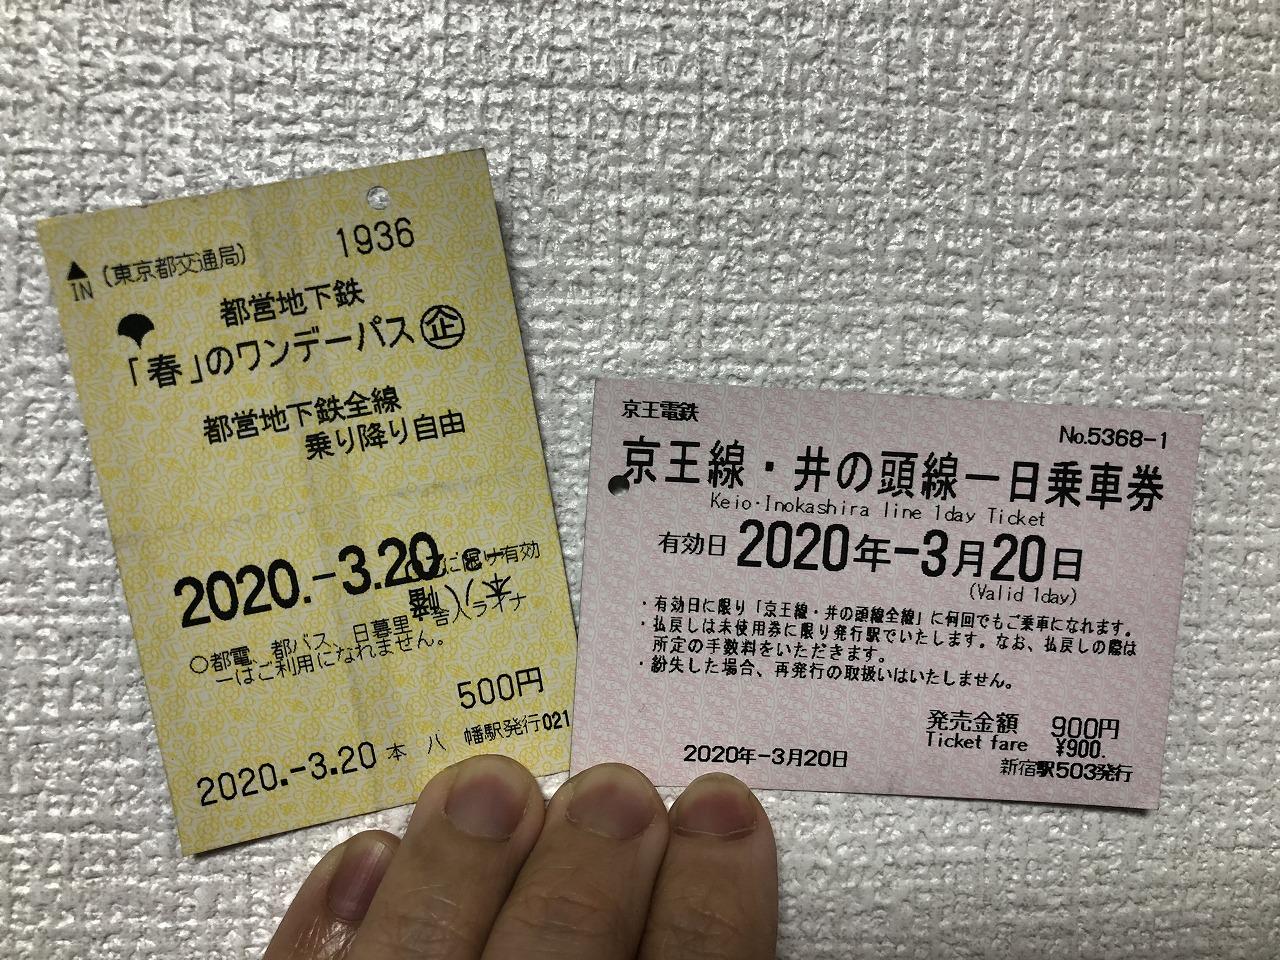 この2枚で東京を駆け巡りました。